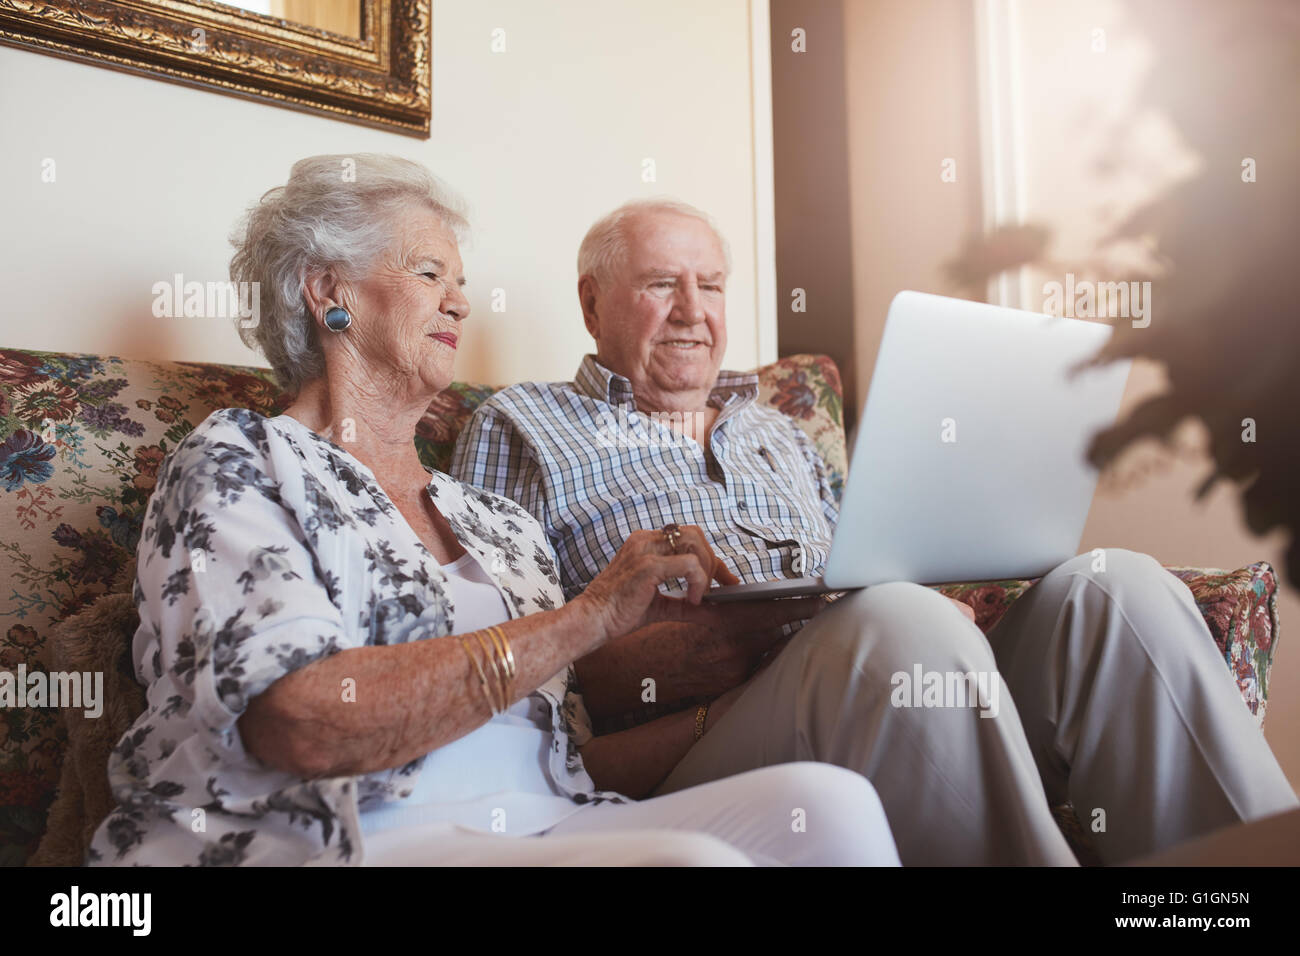 Älteres Ehepaar mit Laptop-Computer zu Hause. Ältere Mann und Frau auf Sofa arbeiten am Laptop sitzt. Stockfoto